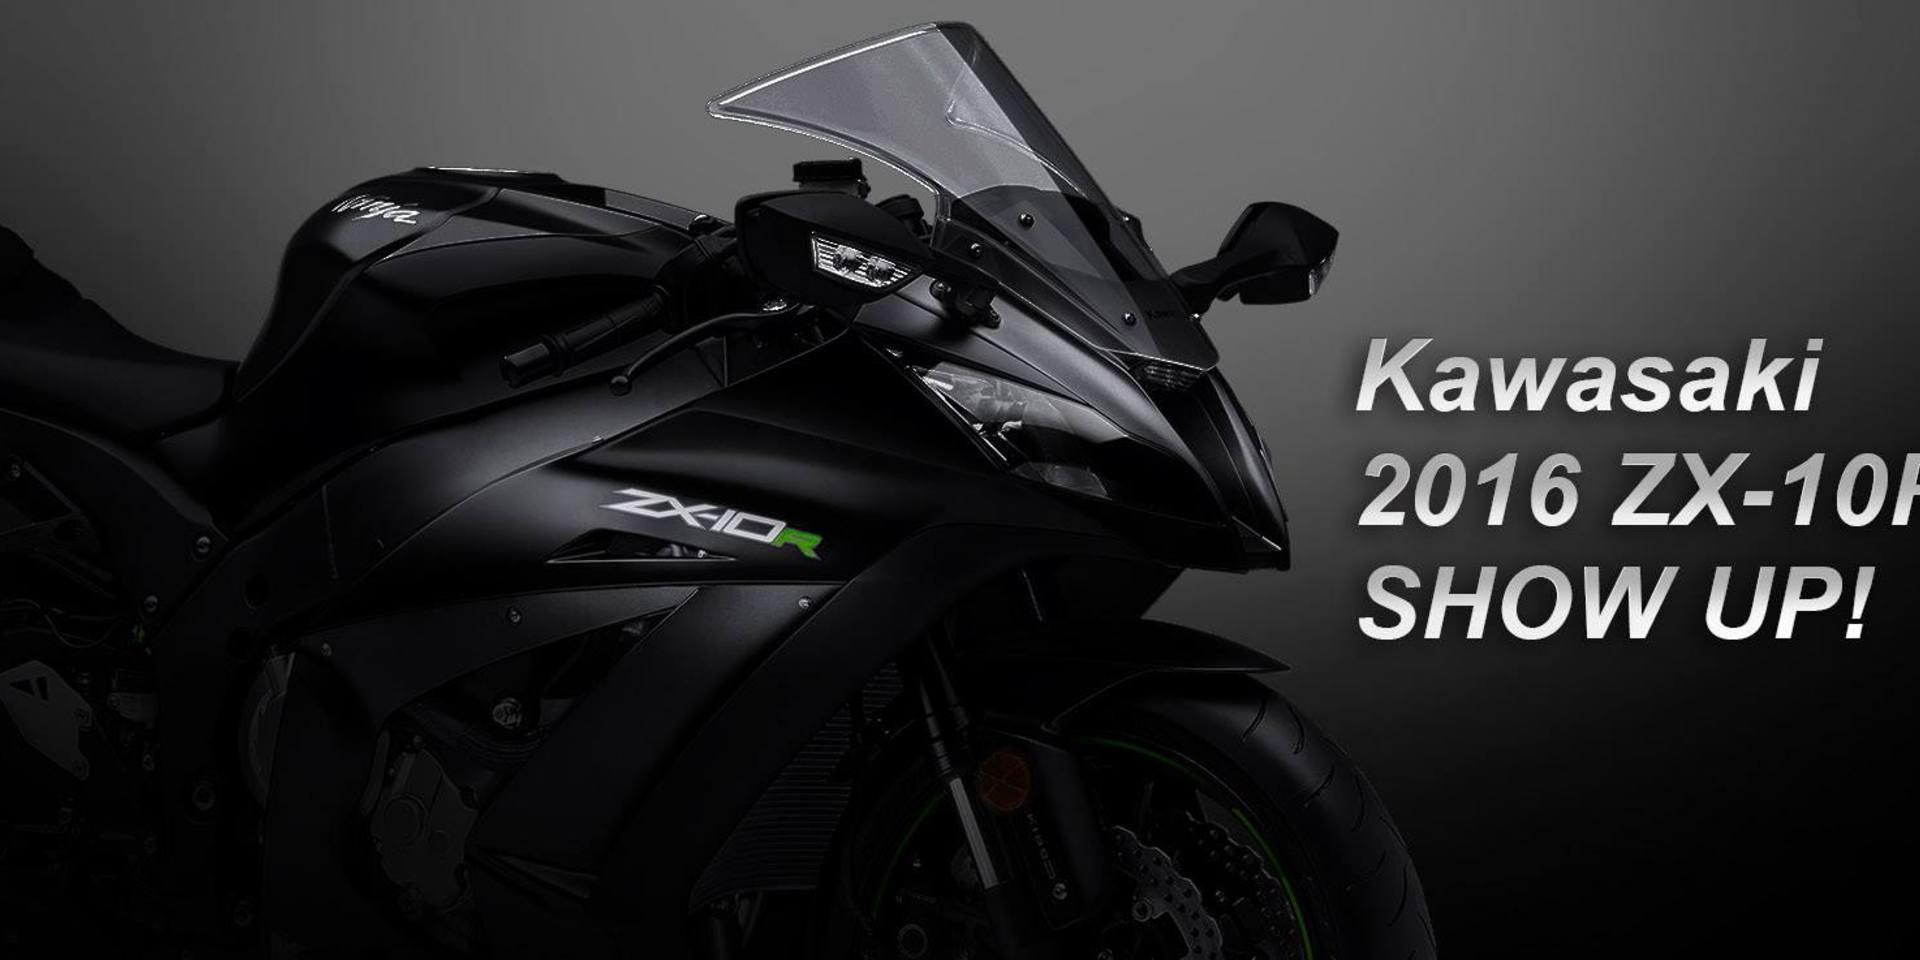 Kawasaki 2016 ZX-10R 忍者現身